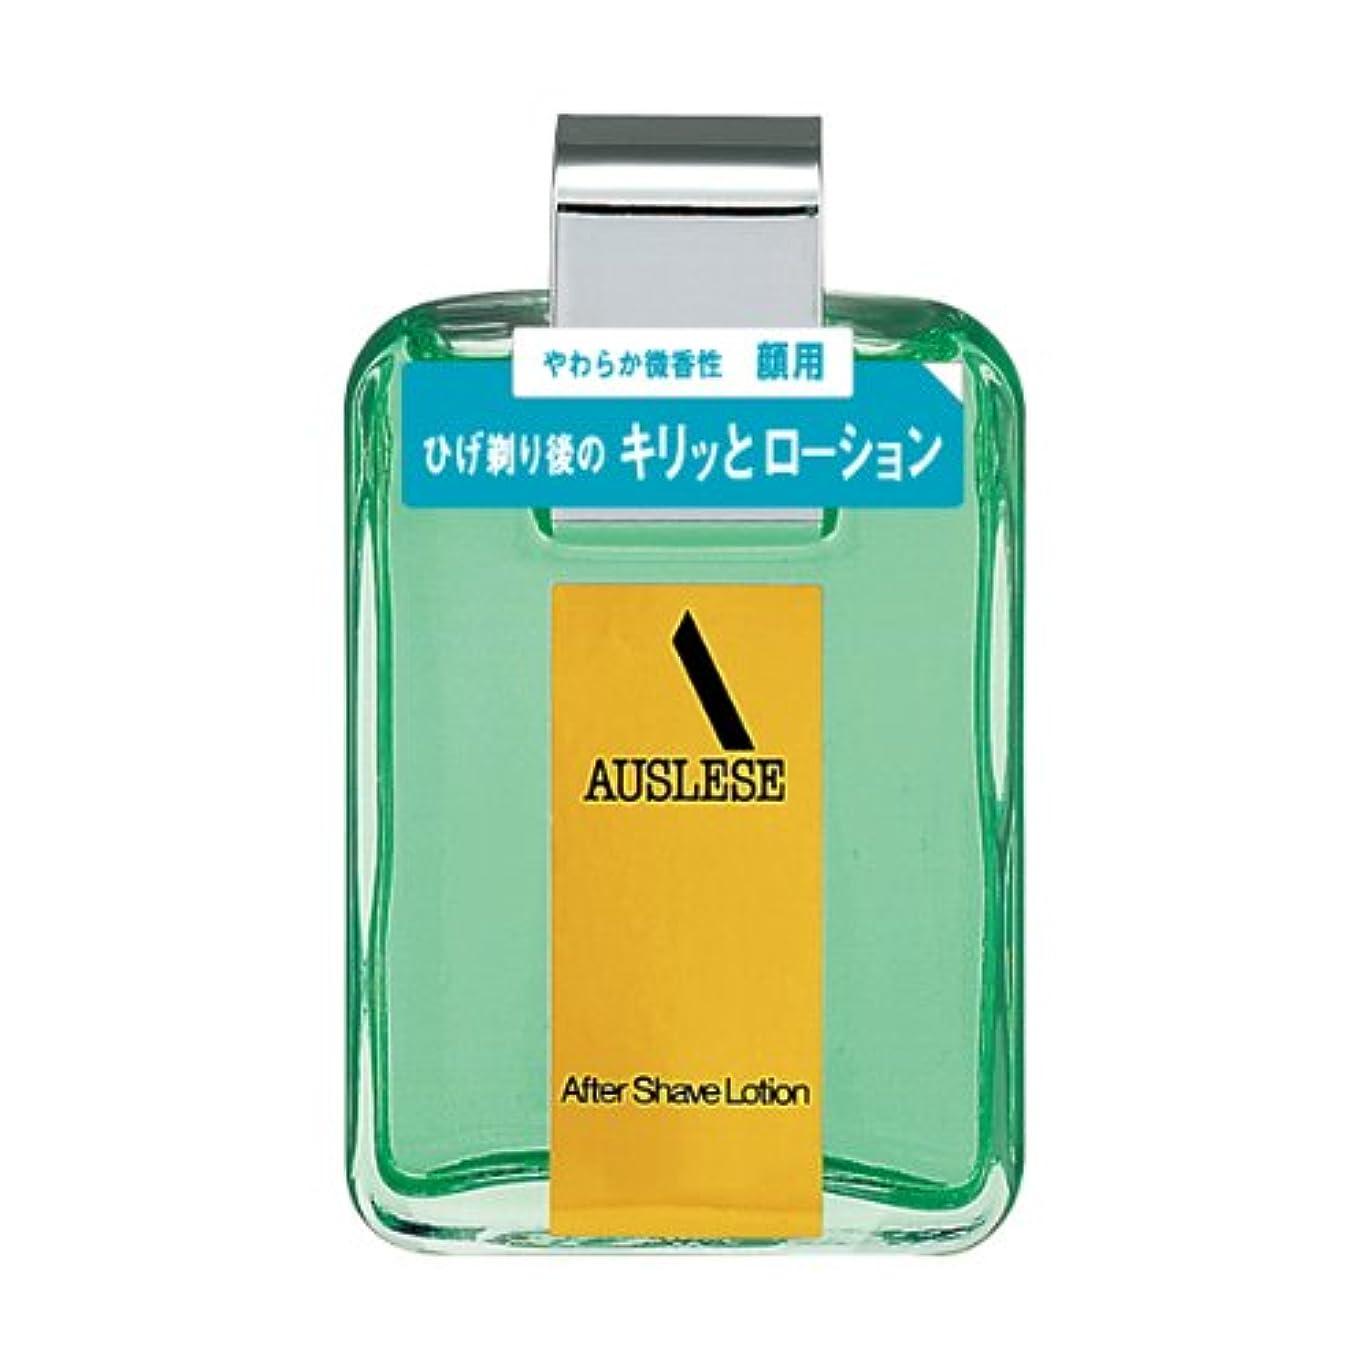 石用心する海洋のアウスレーゼ アフターシェーブローションNA 100mL 【医薬部外品】